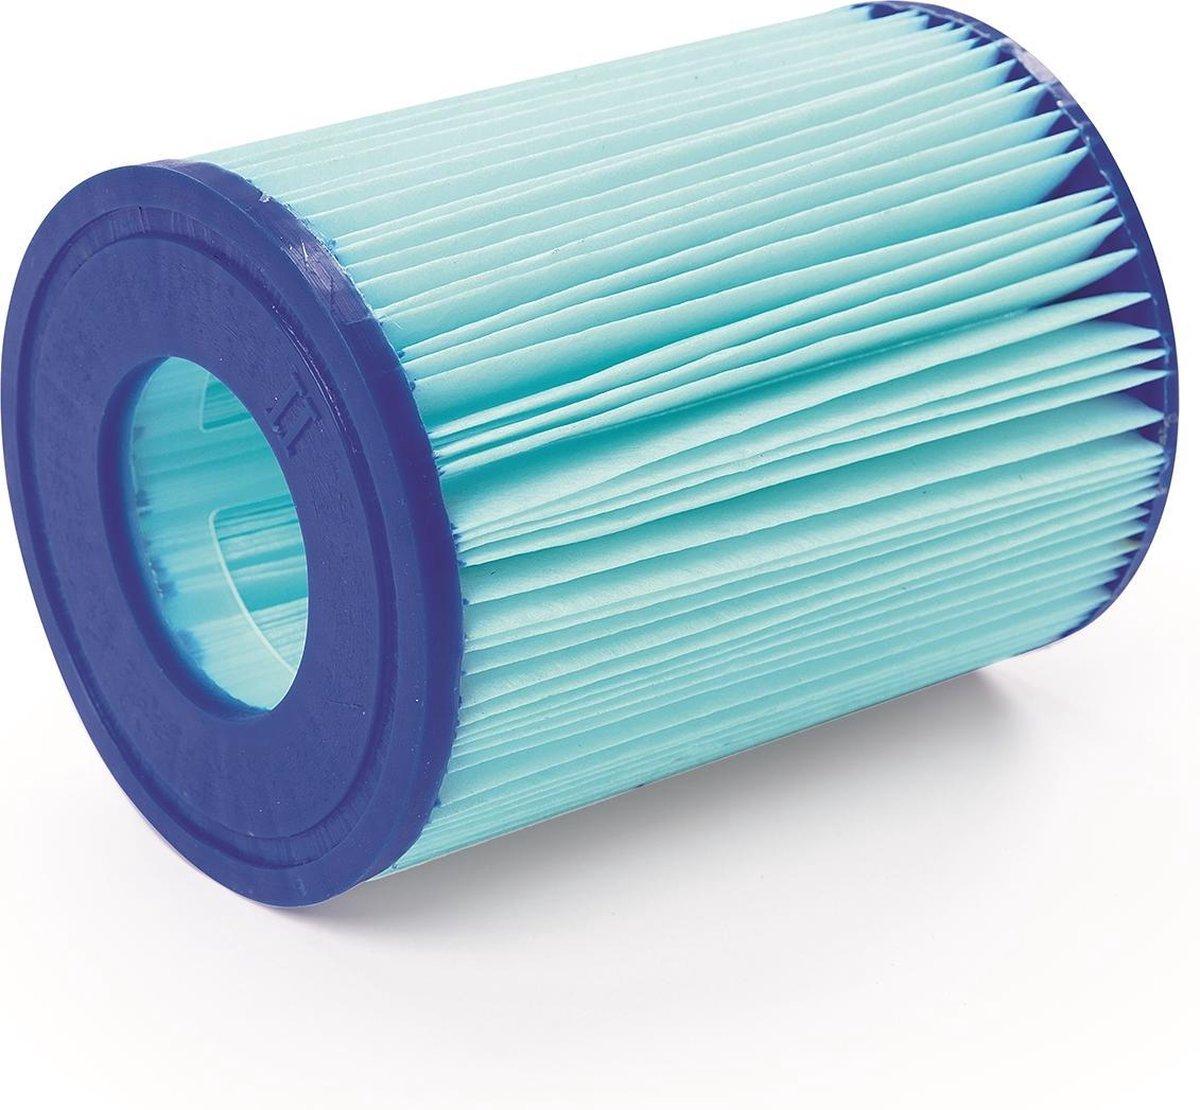 Bestway Filter Type II Anti Microbe